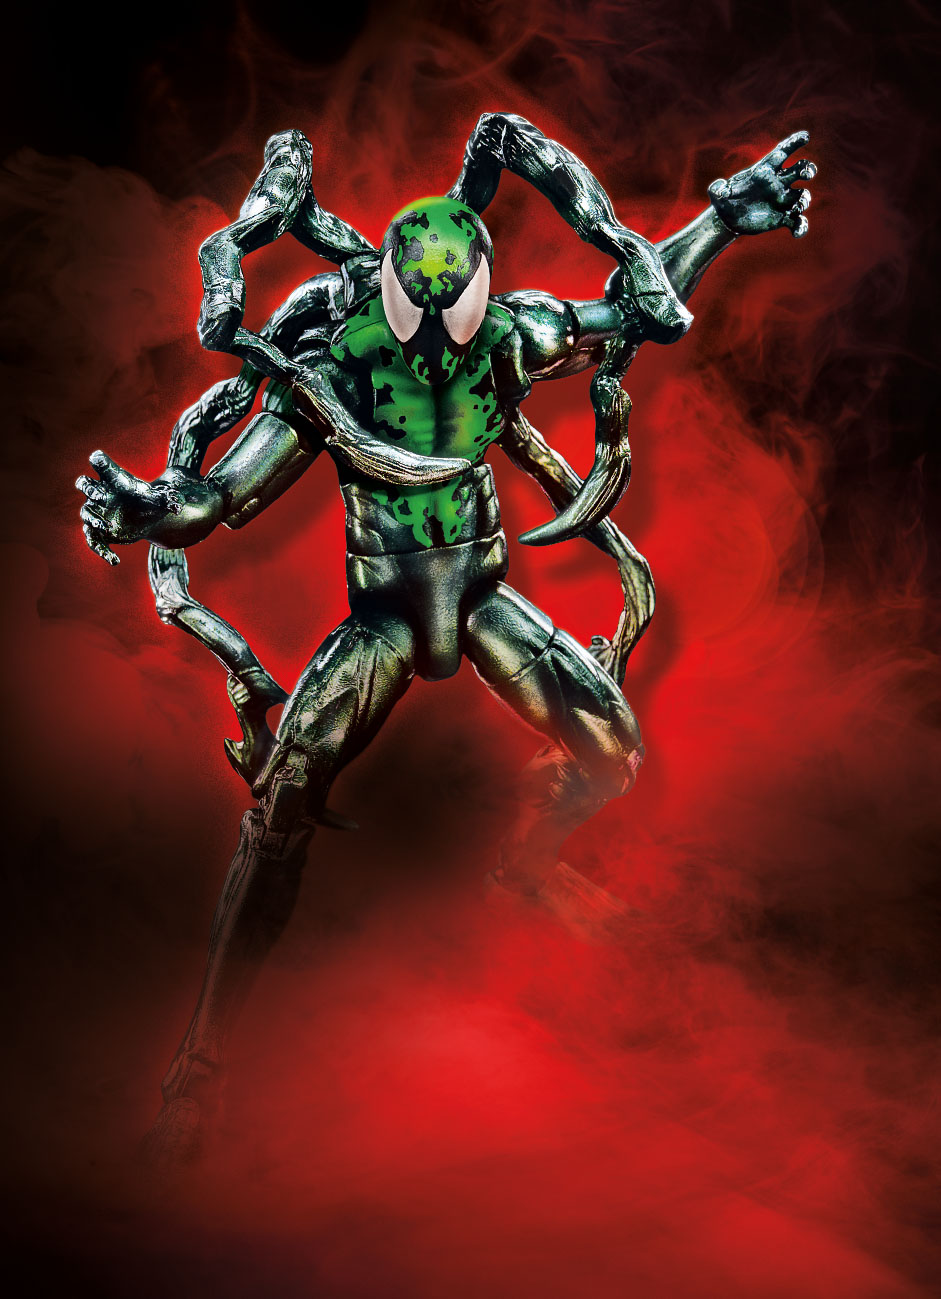 Marvel-Legends-Spider-Man-Series-6-inch-Lasher